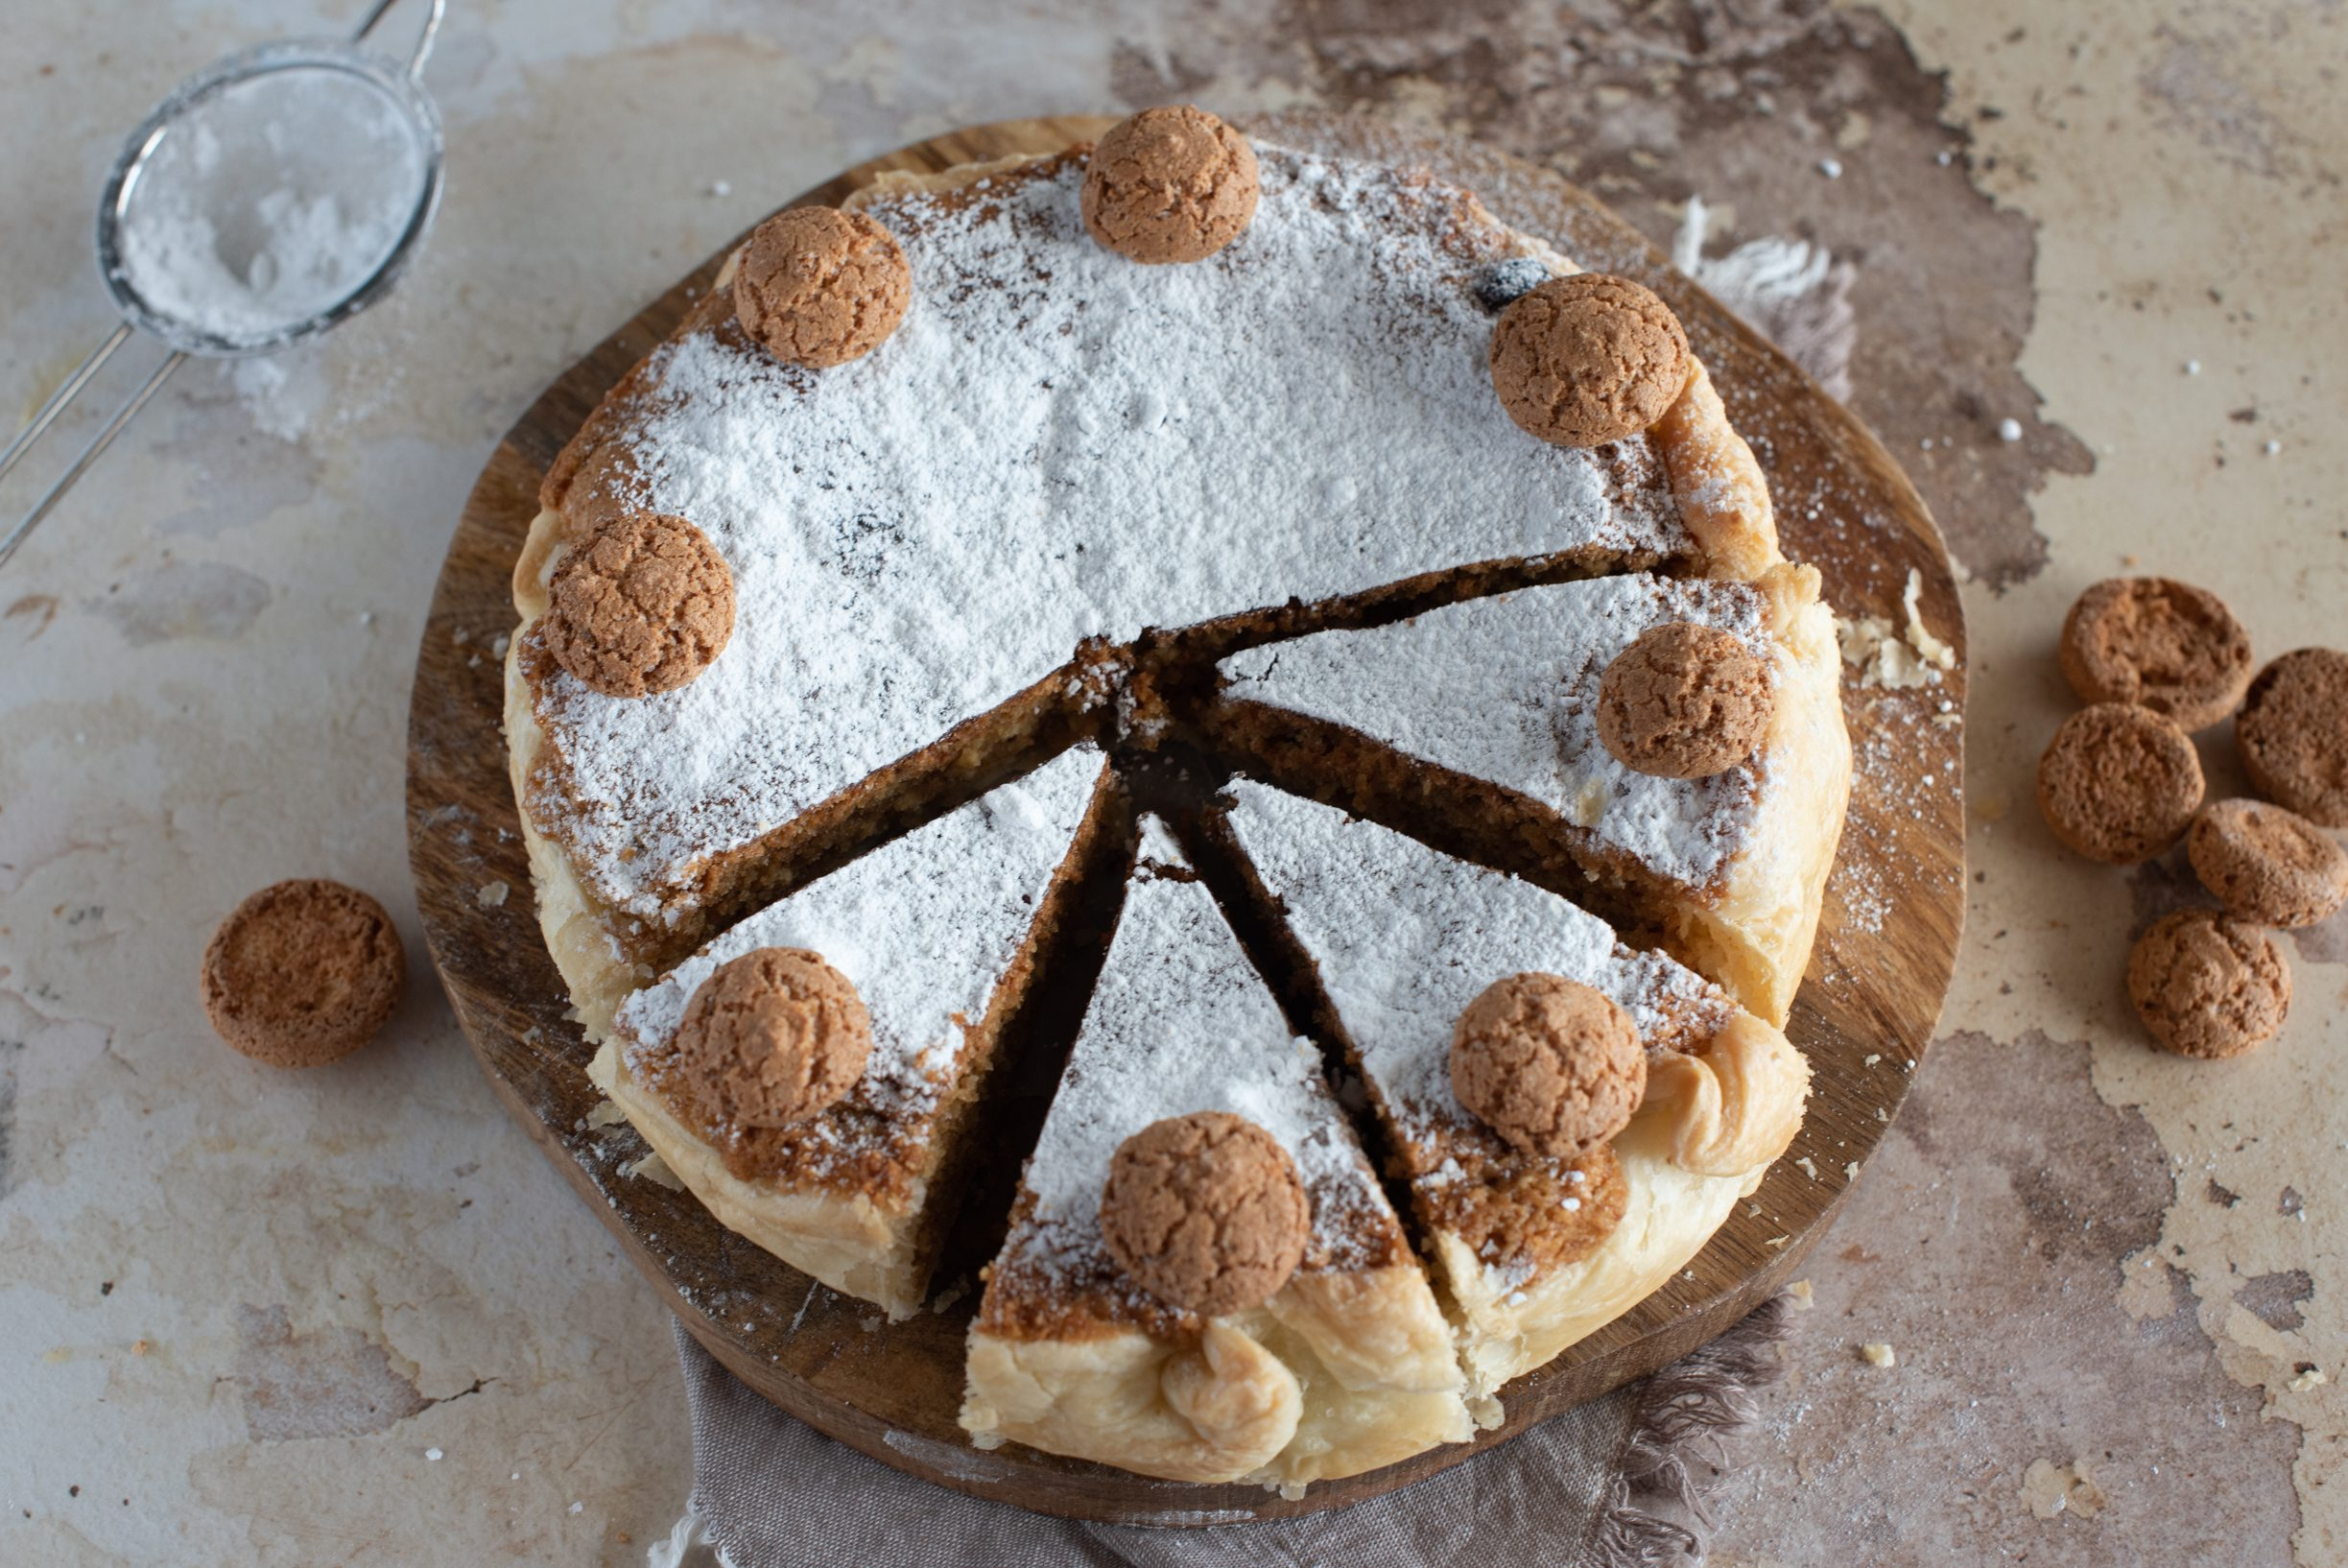 Torta russa: la ricetta del dolce tipico veronese super goloso